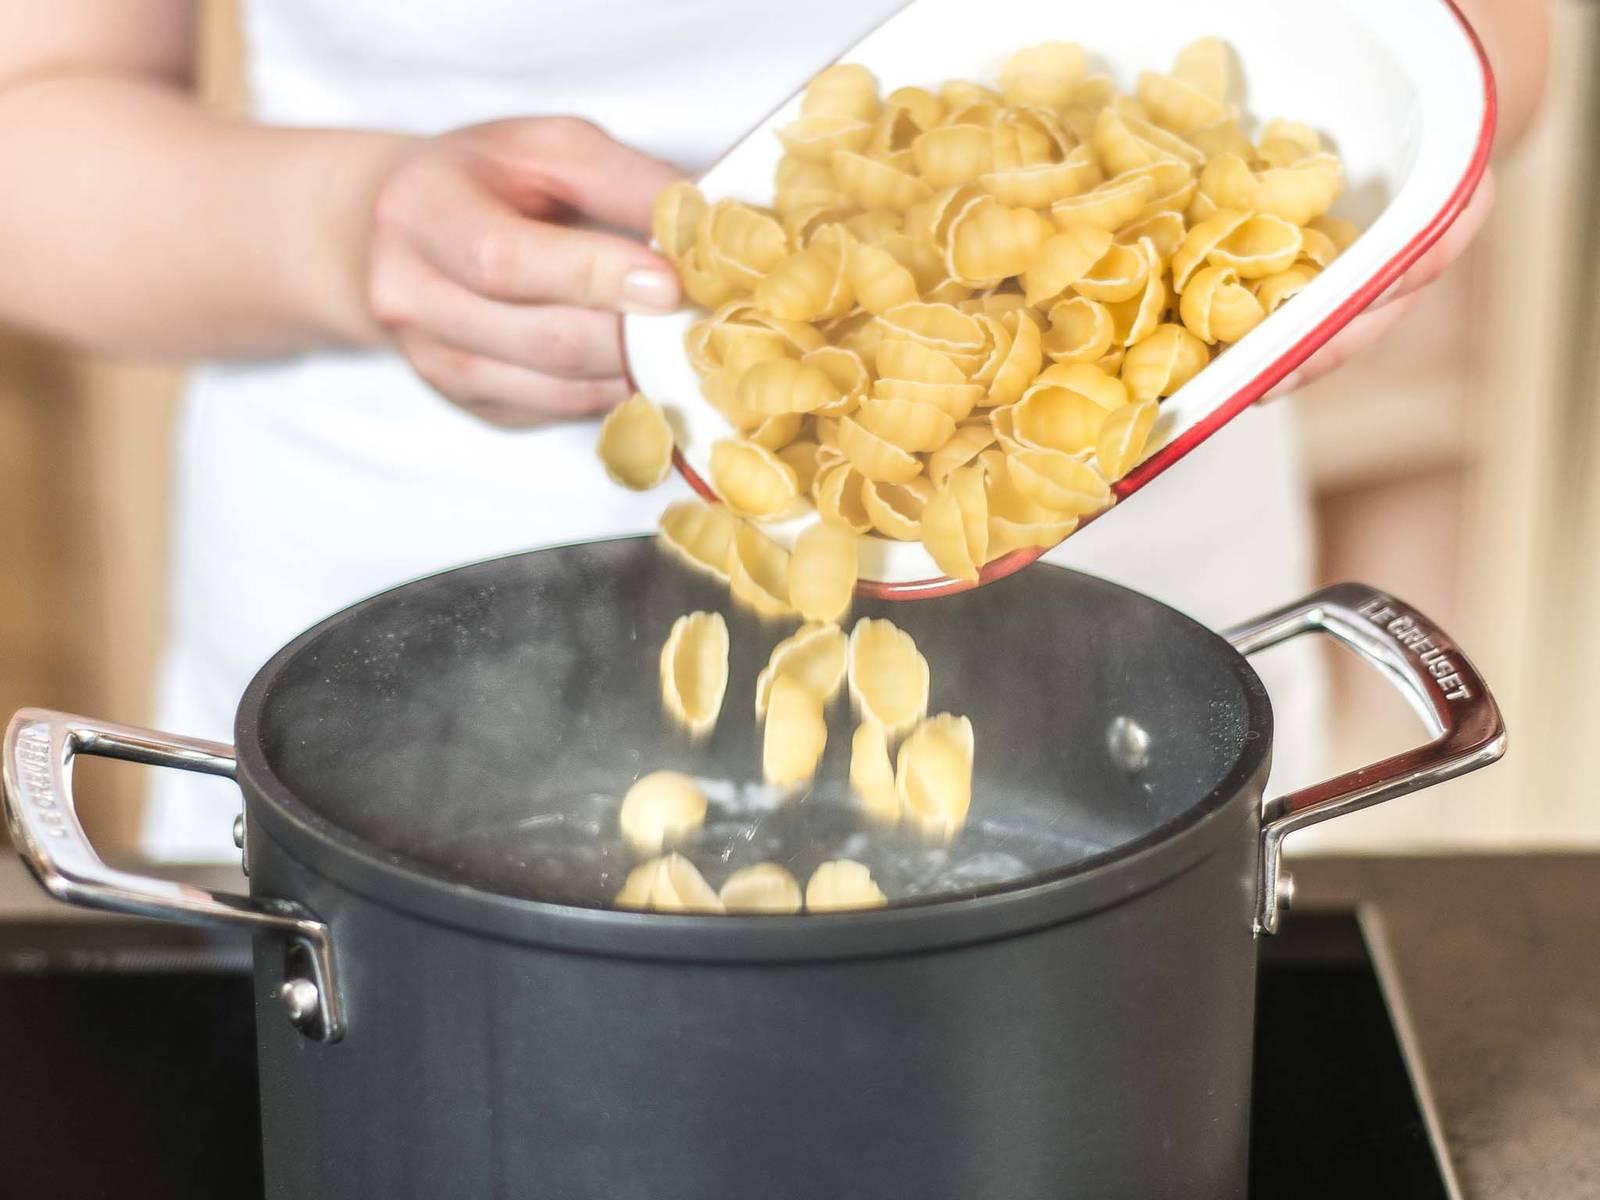 按照包装说明在加盐的沸水中煮意式面条,煮至口感有嚼劲,沥水备用。